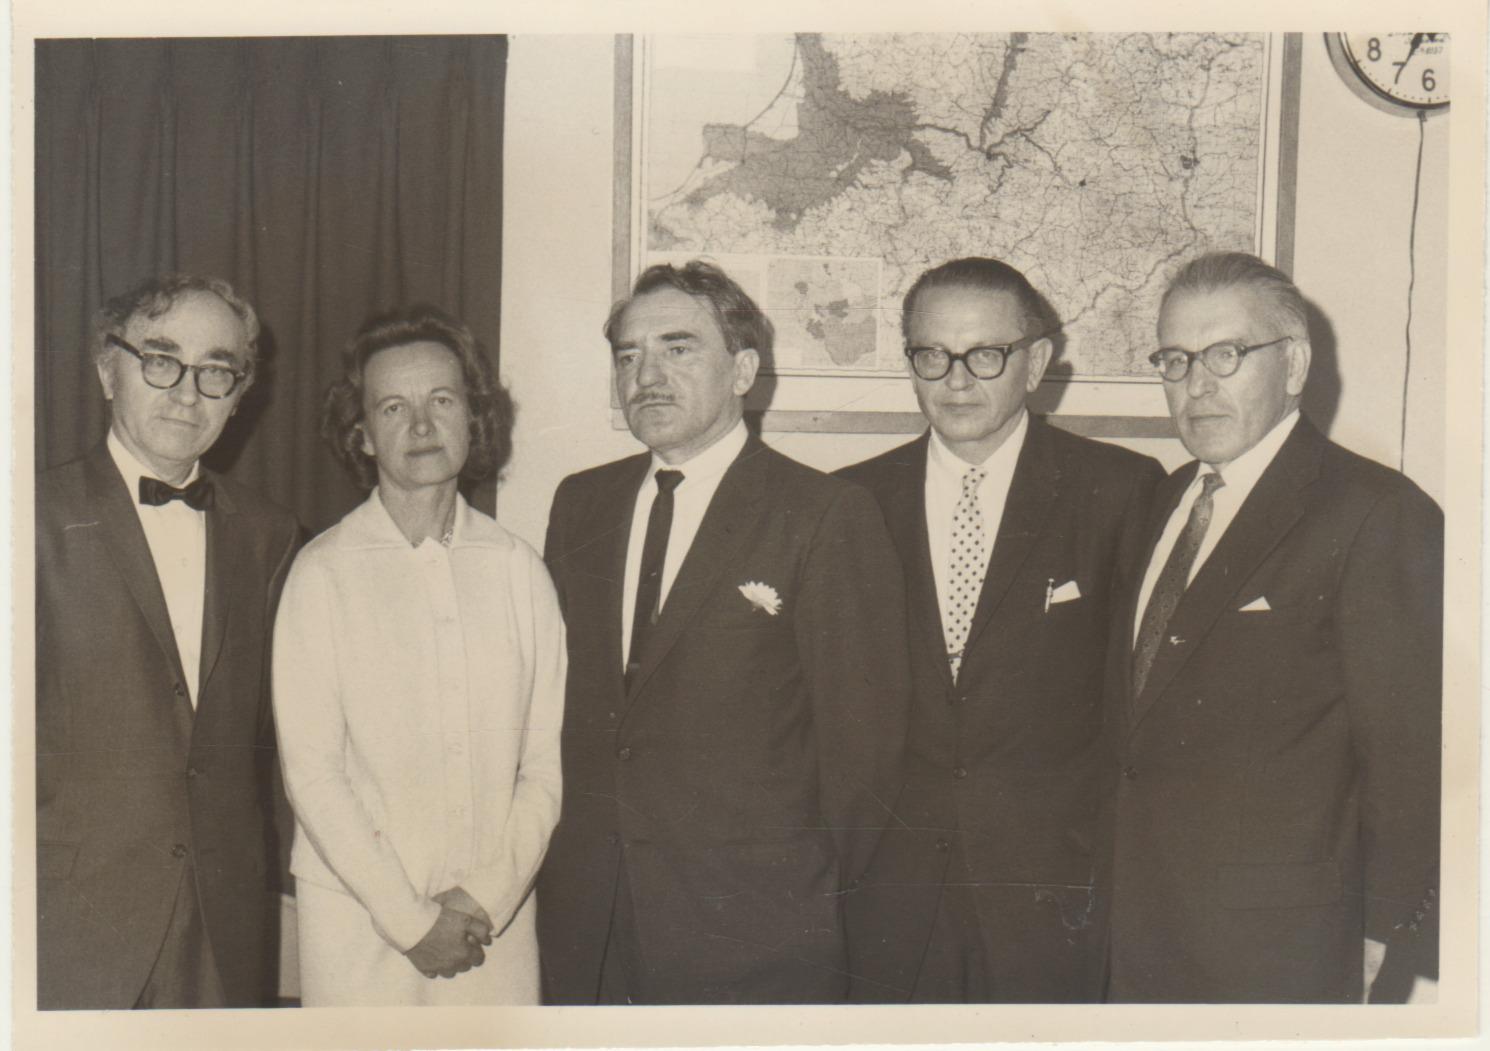 LRD premijos įteikimas M. Katiliškiui Los Andžele 1964 m. balandžio 5d. Iš kairės: Bern. Brazdžionis, Alė Rūta, M. Katiliškis, B. Raila, J. Tininis. Nuotrauka L. Kančausko